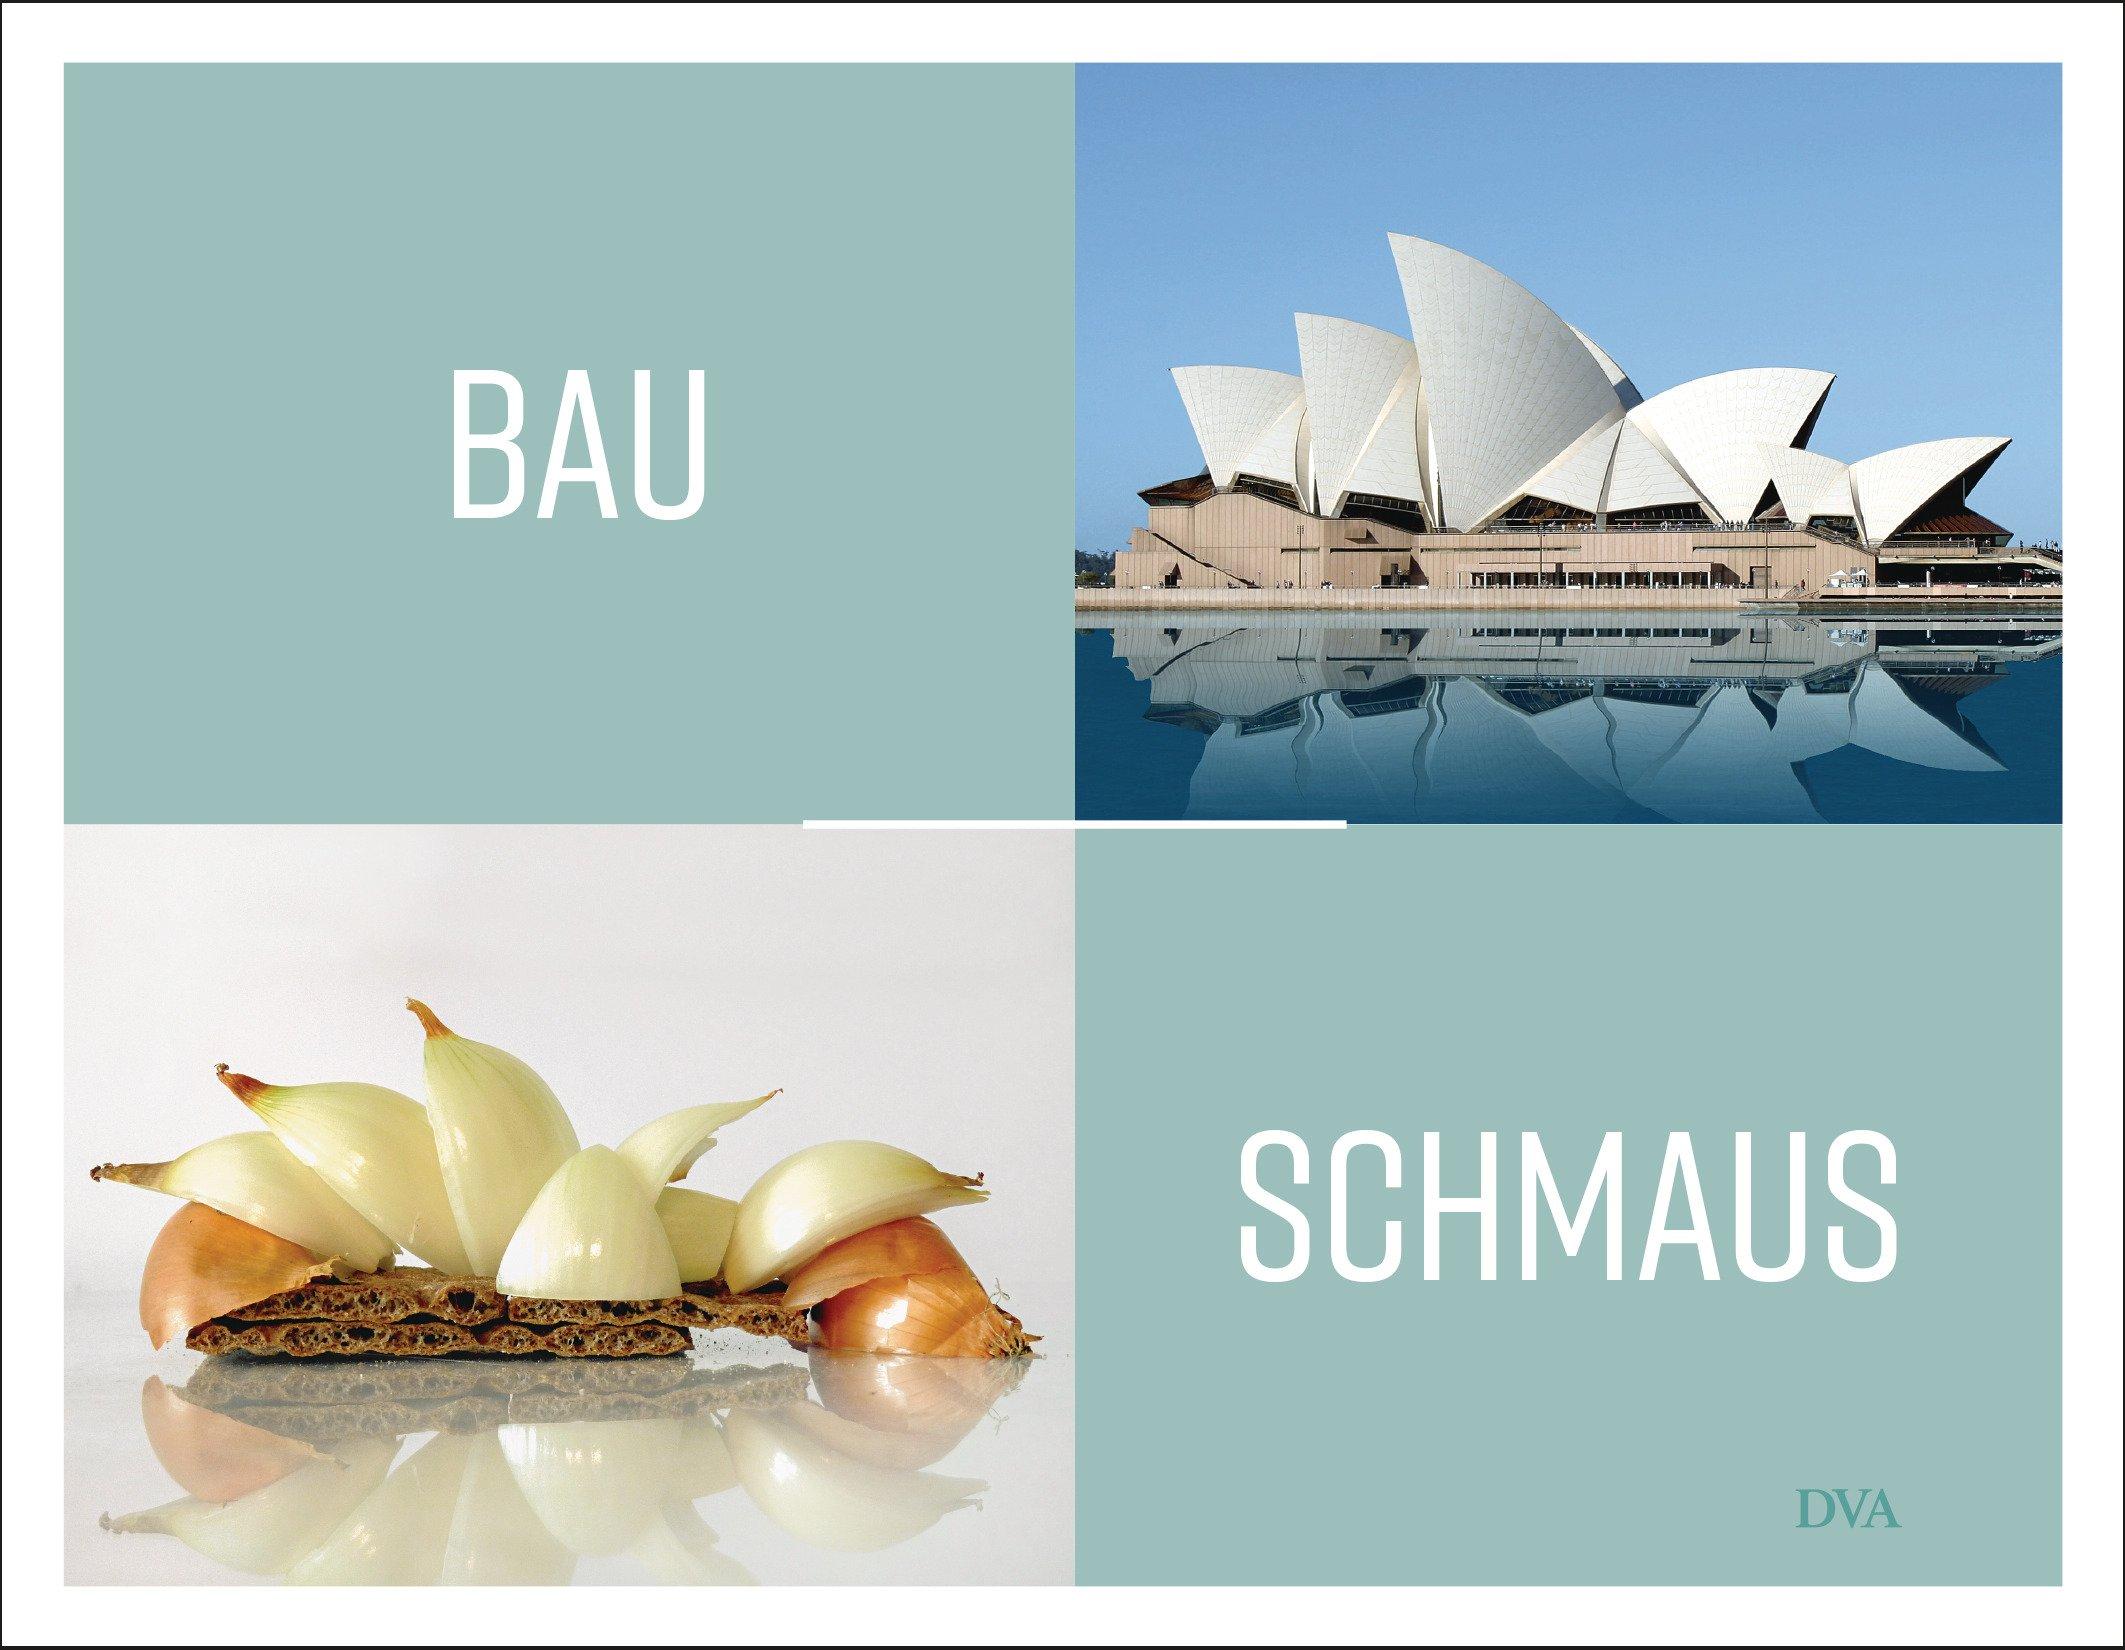 Bauschmaus: Ein kulinarisch-architektonisches Rätselbuch